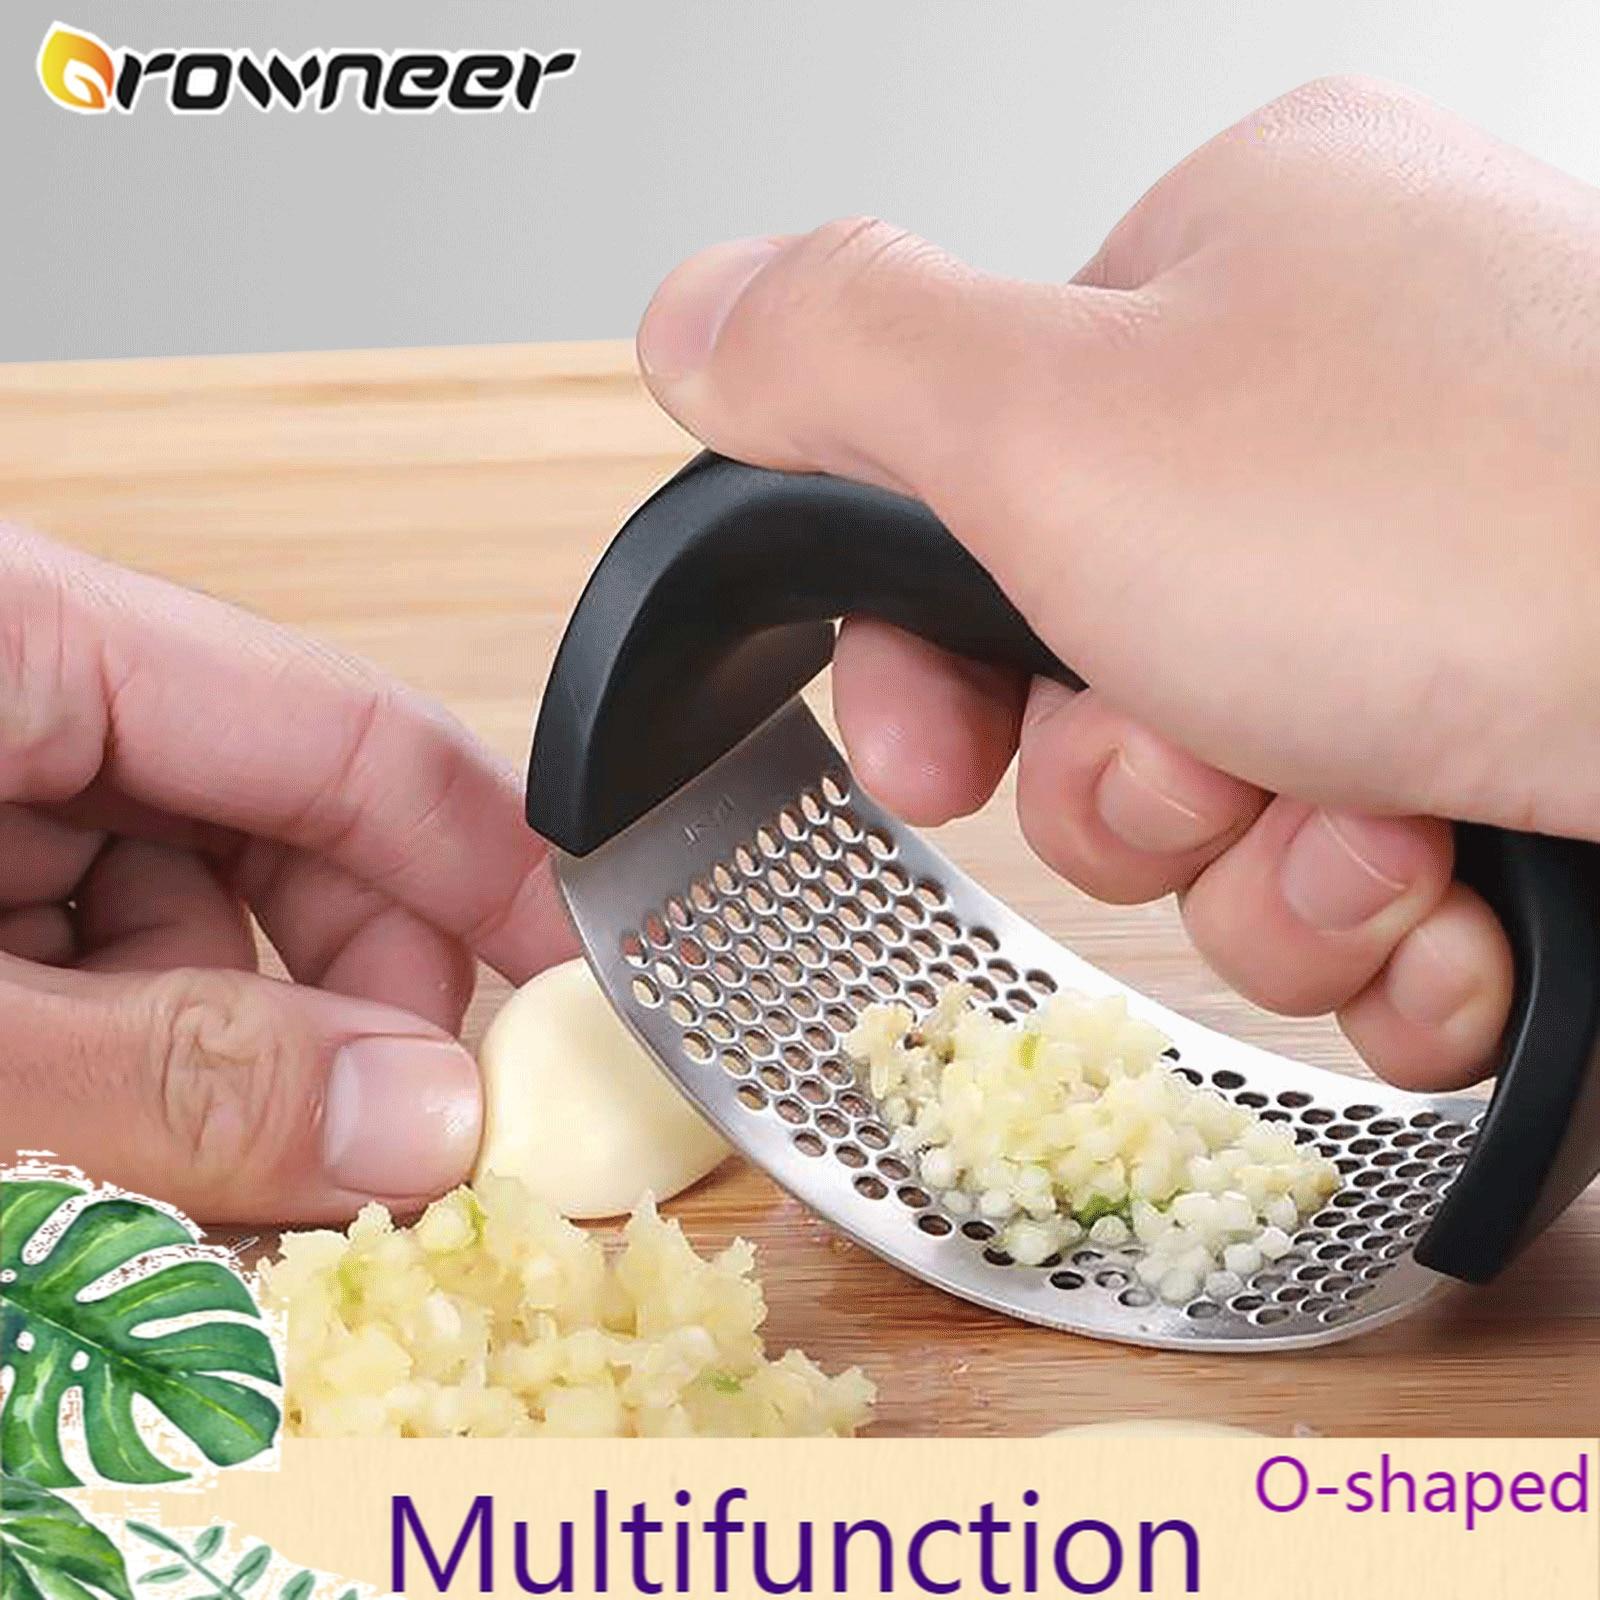 Multi-função de moagem slicer aço inoxidável em forma de o alho gengibre imprensa mão cozinha rolamento triturador vegetal ferramenta